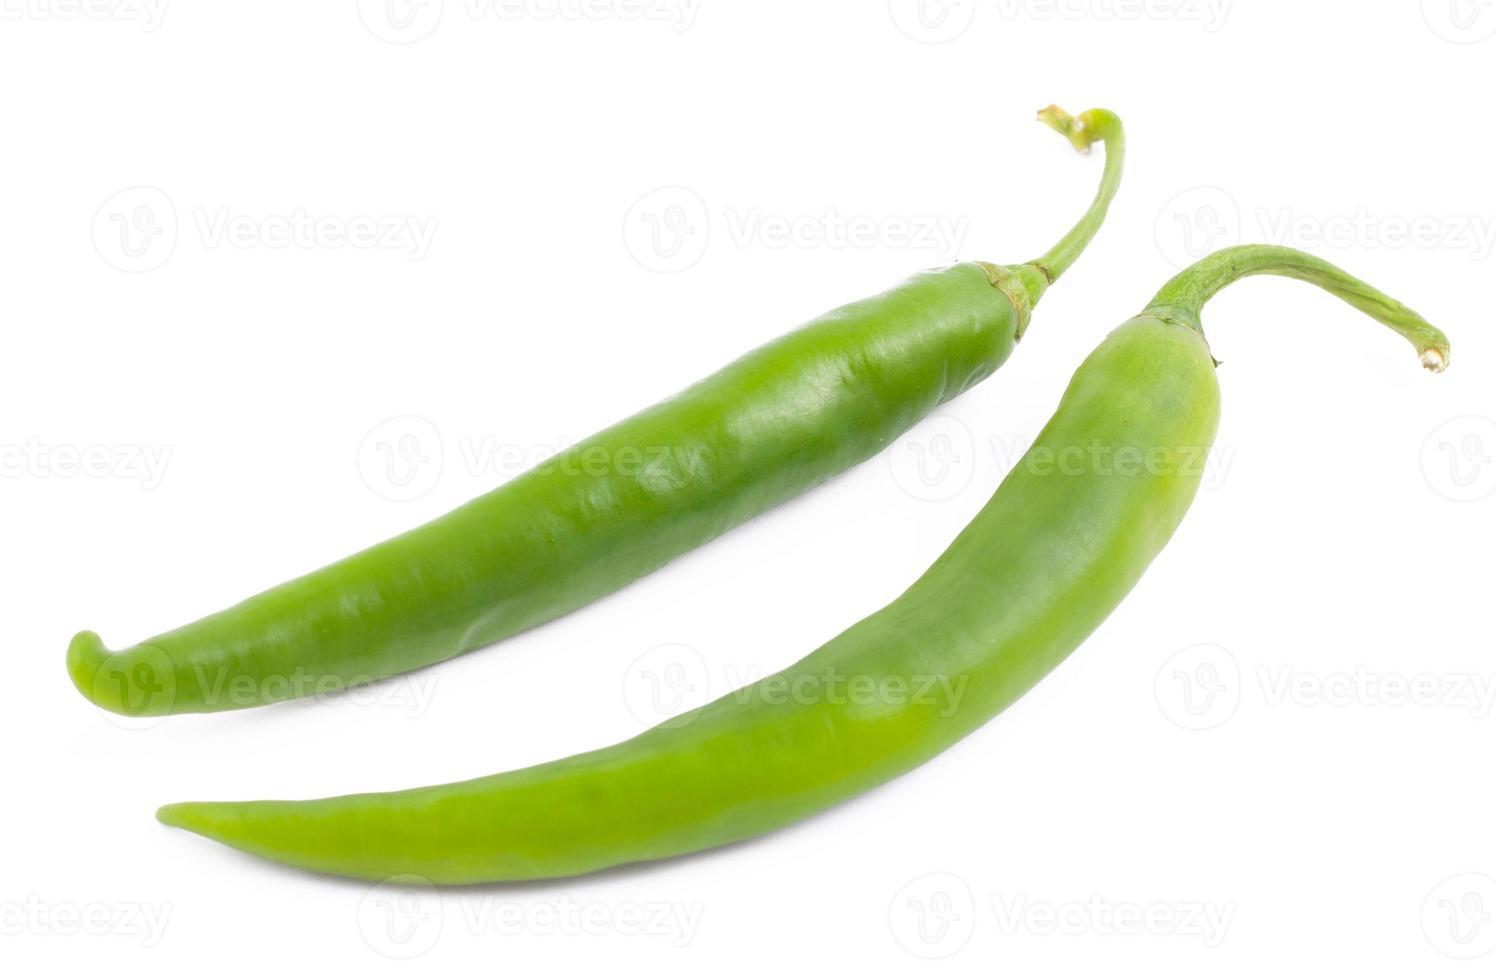 duas pimentas verdes em branco foto